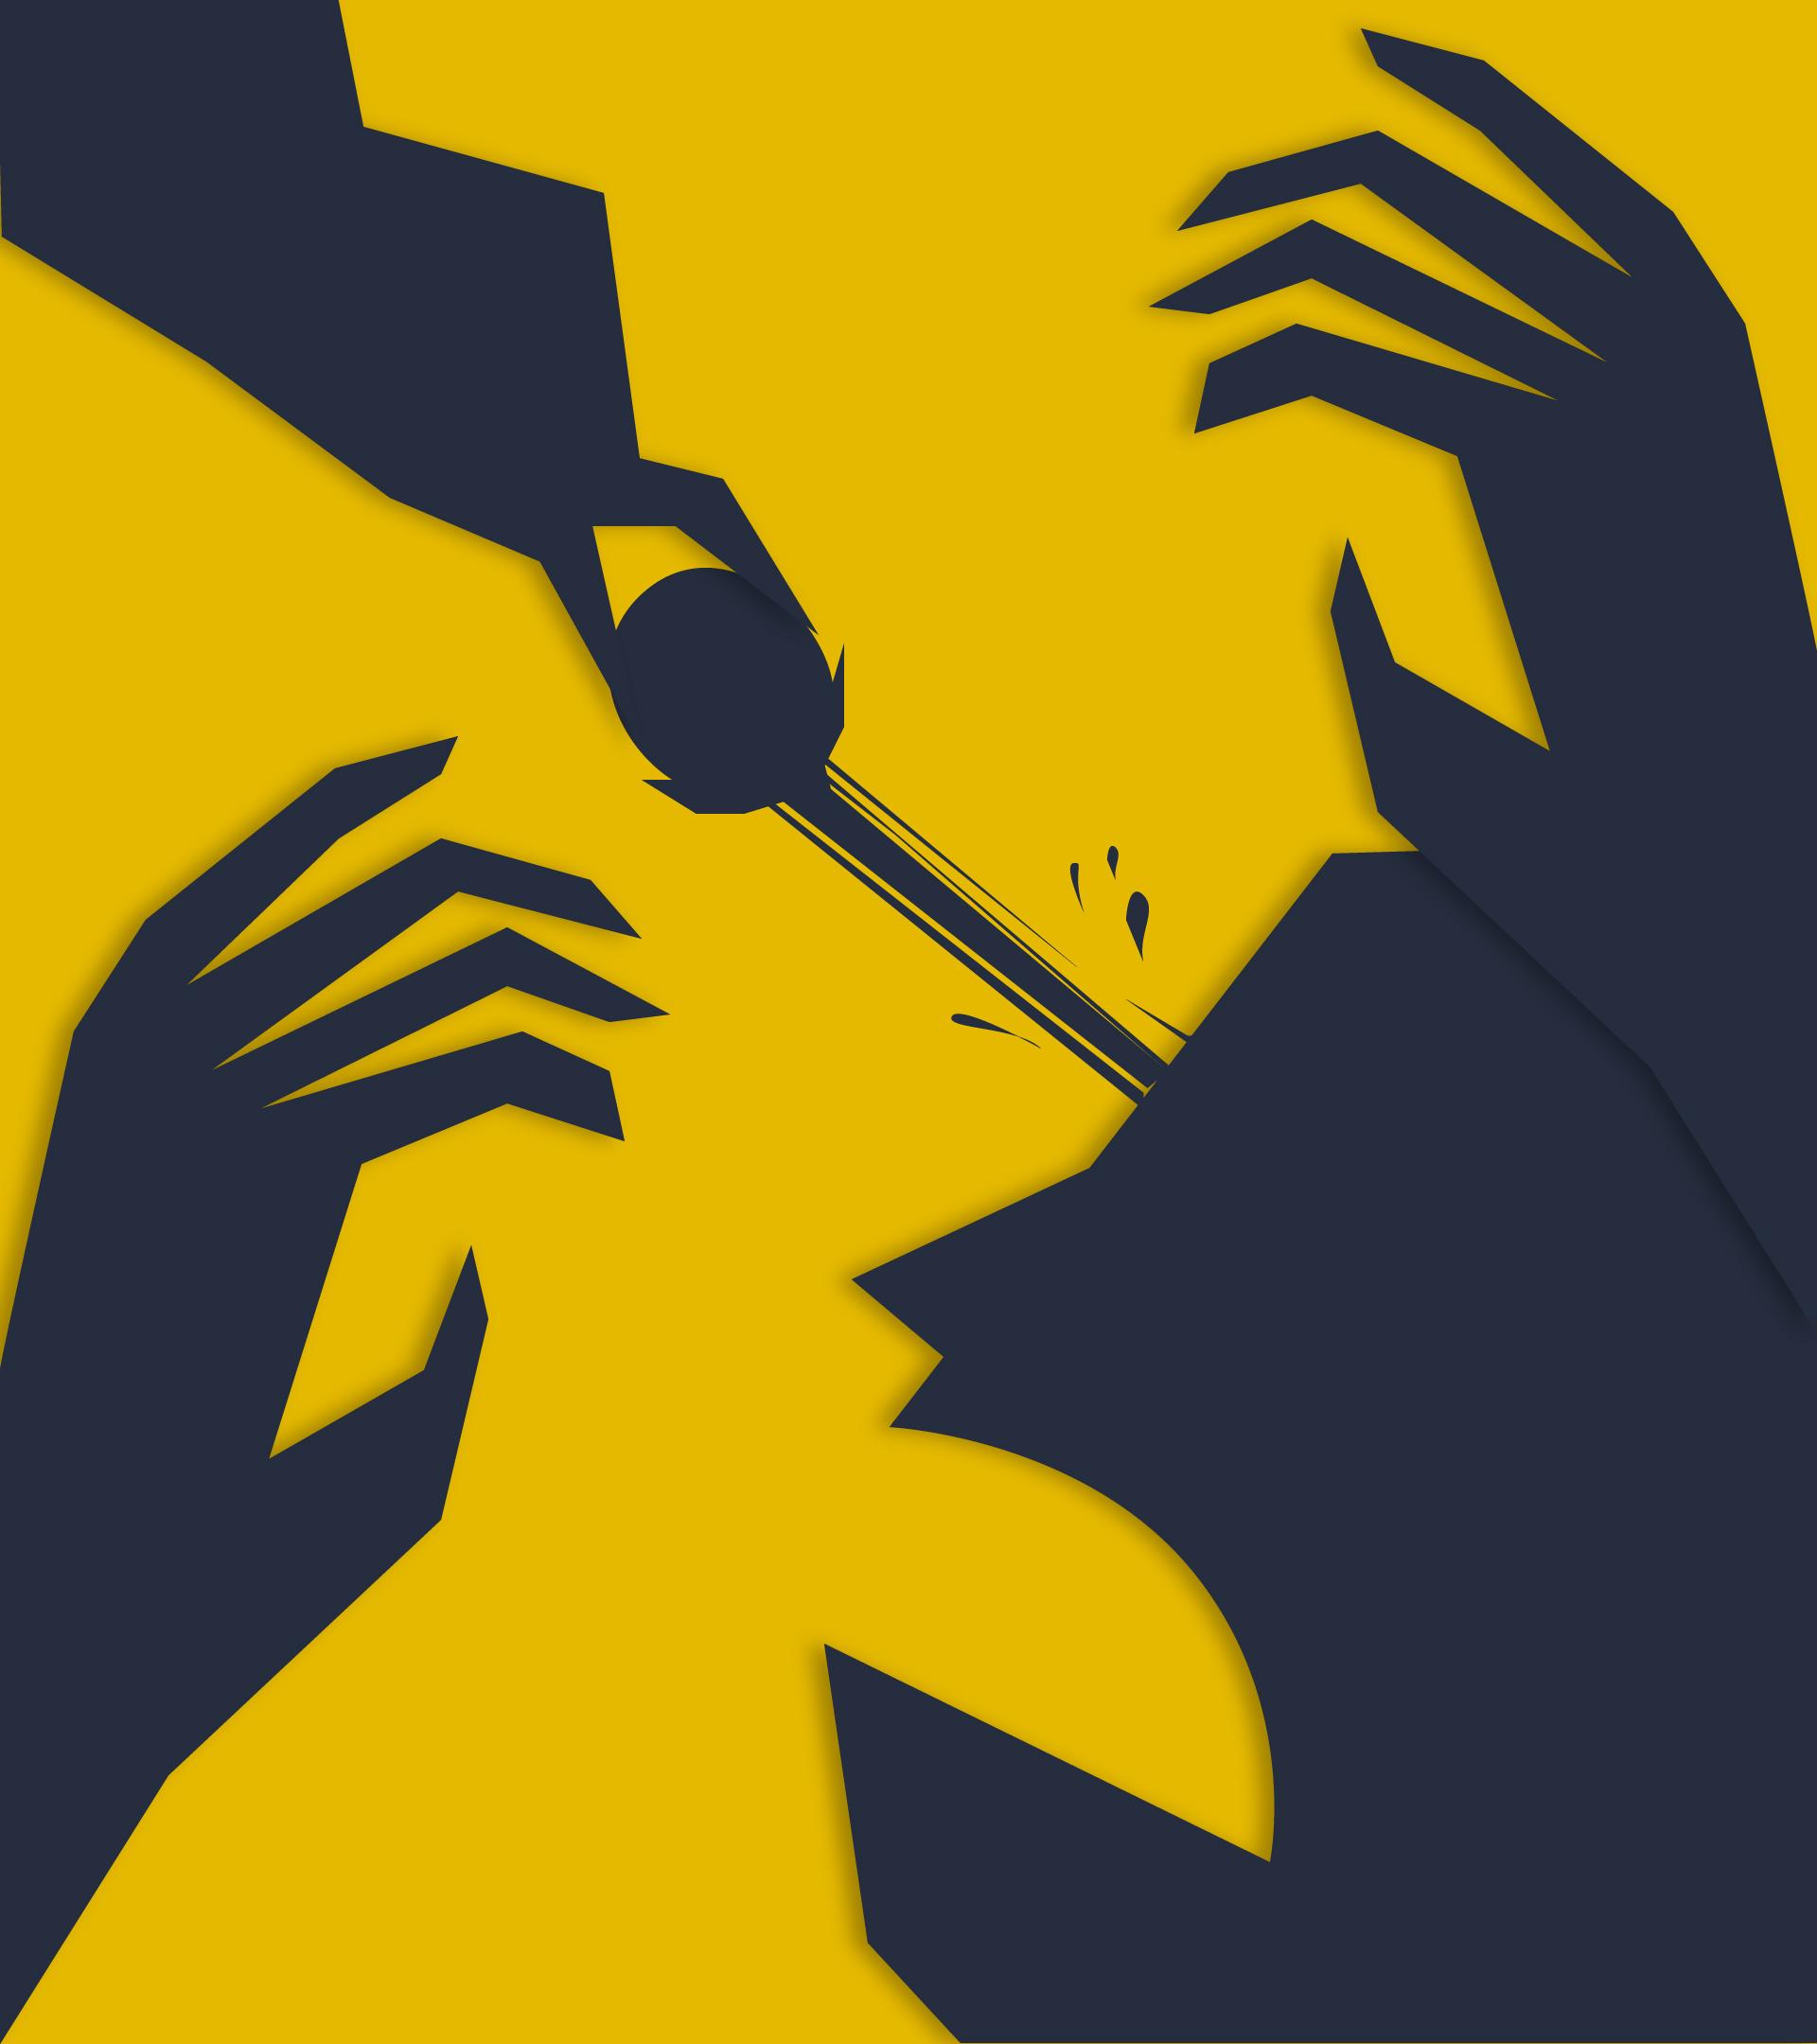 Un cuervo le quita un ojo al personaje. Sus manos se agitan del dolor.